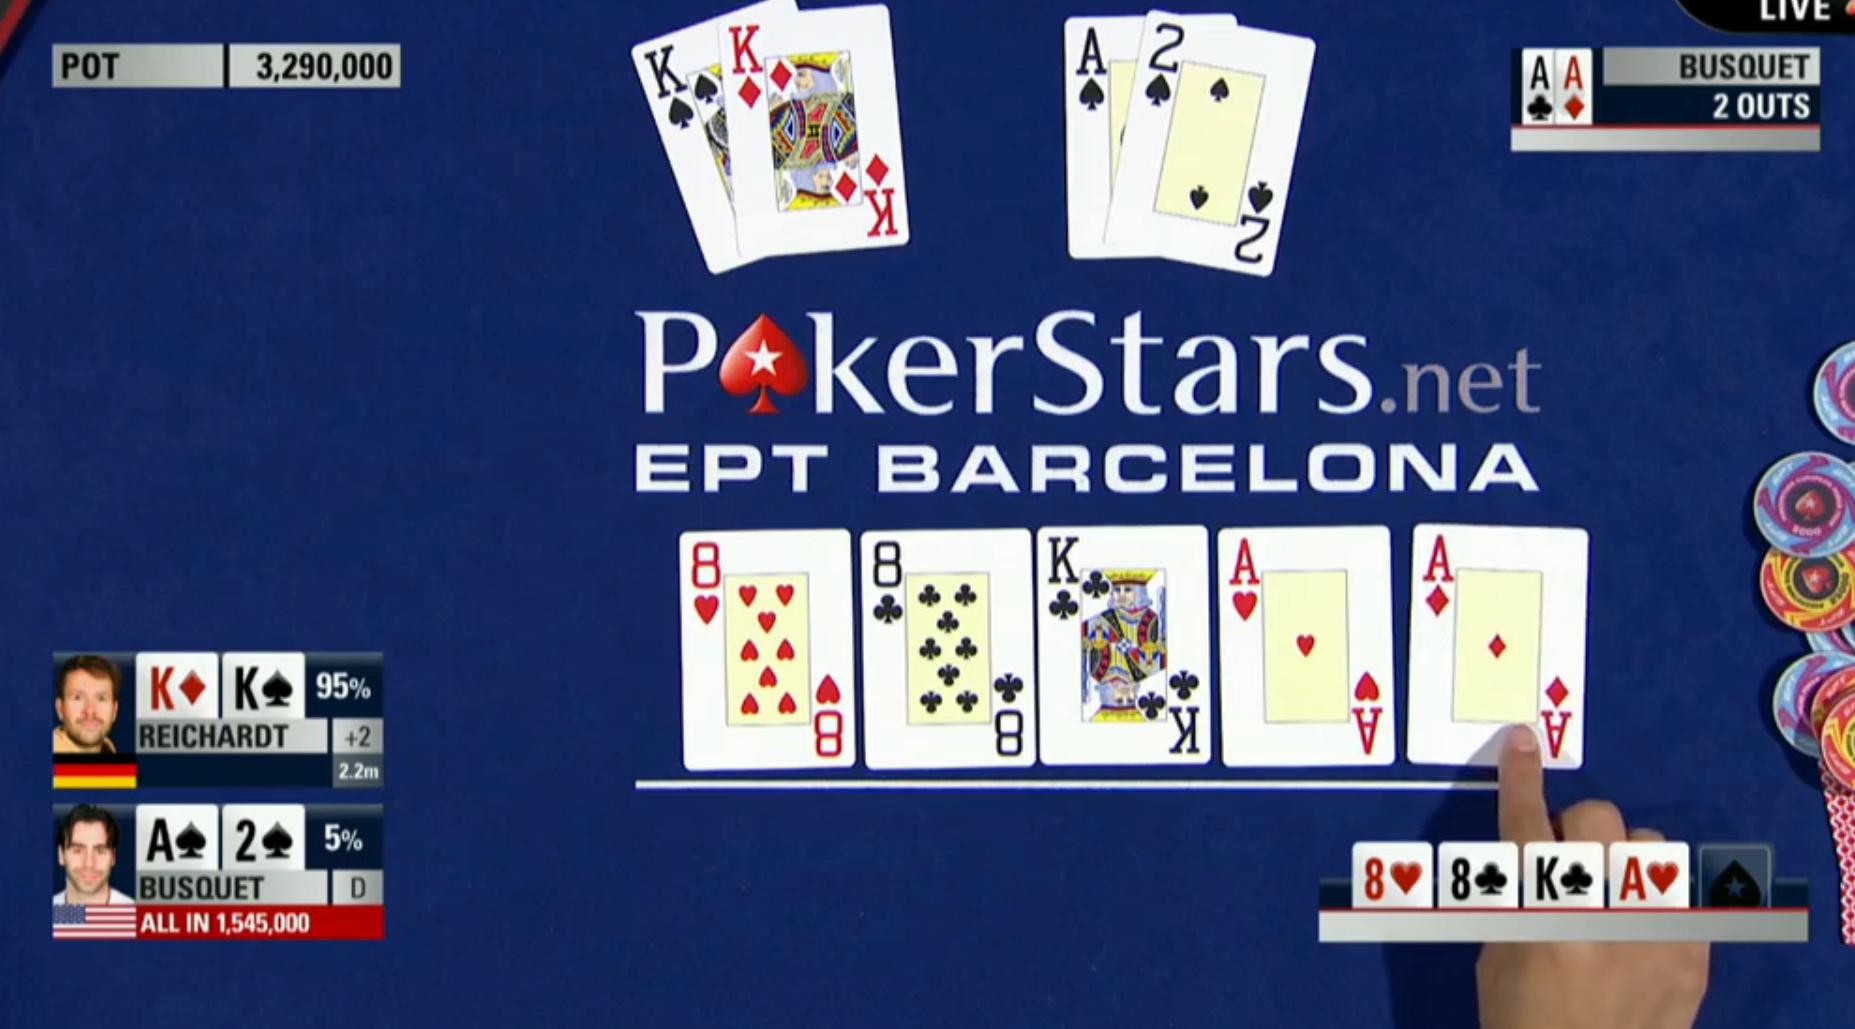 poker ept